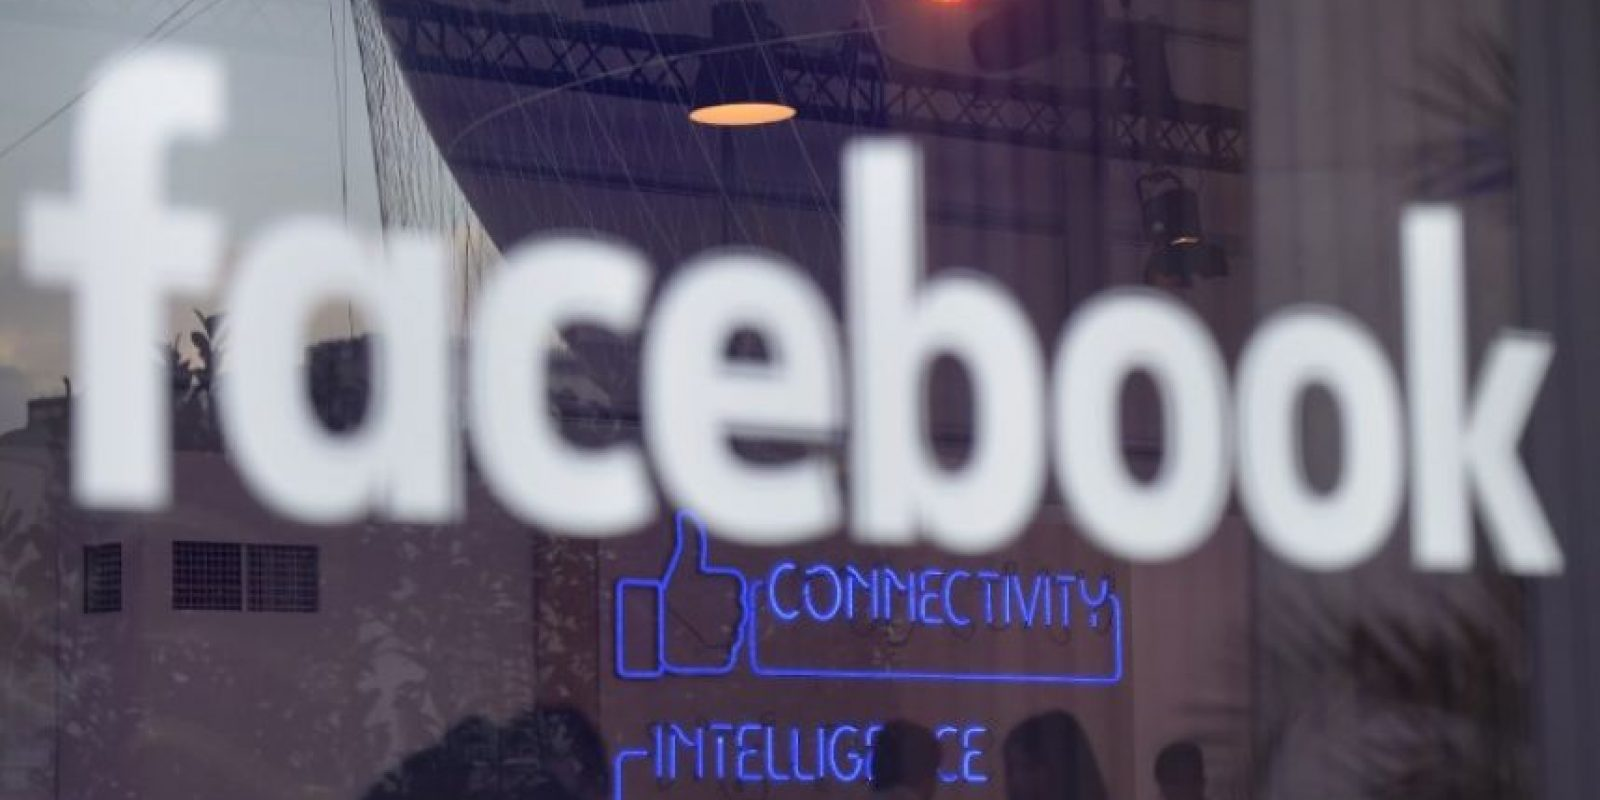 El logo de Facebook en una conferencia en Berlín, Alemania. Foto:AFP